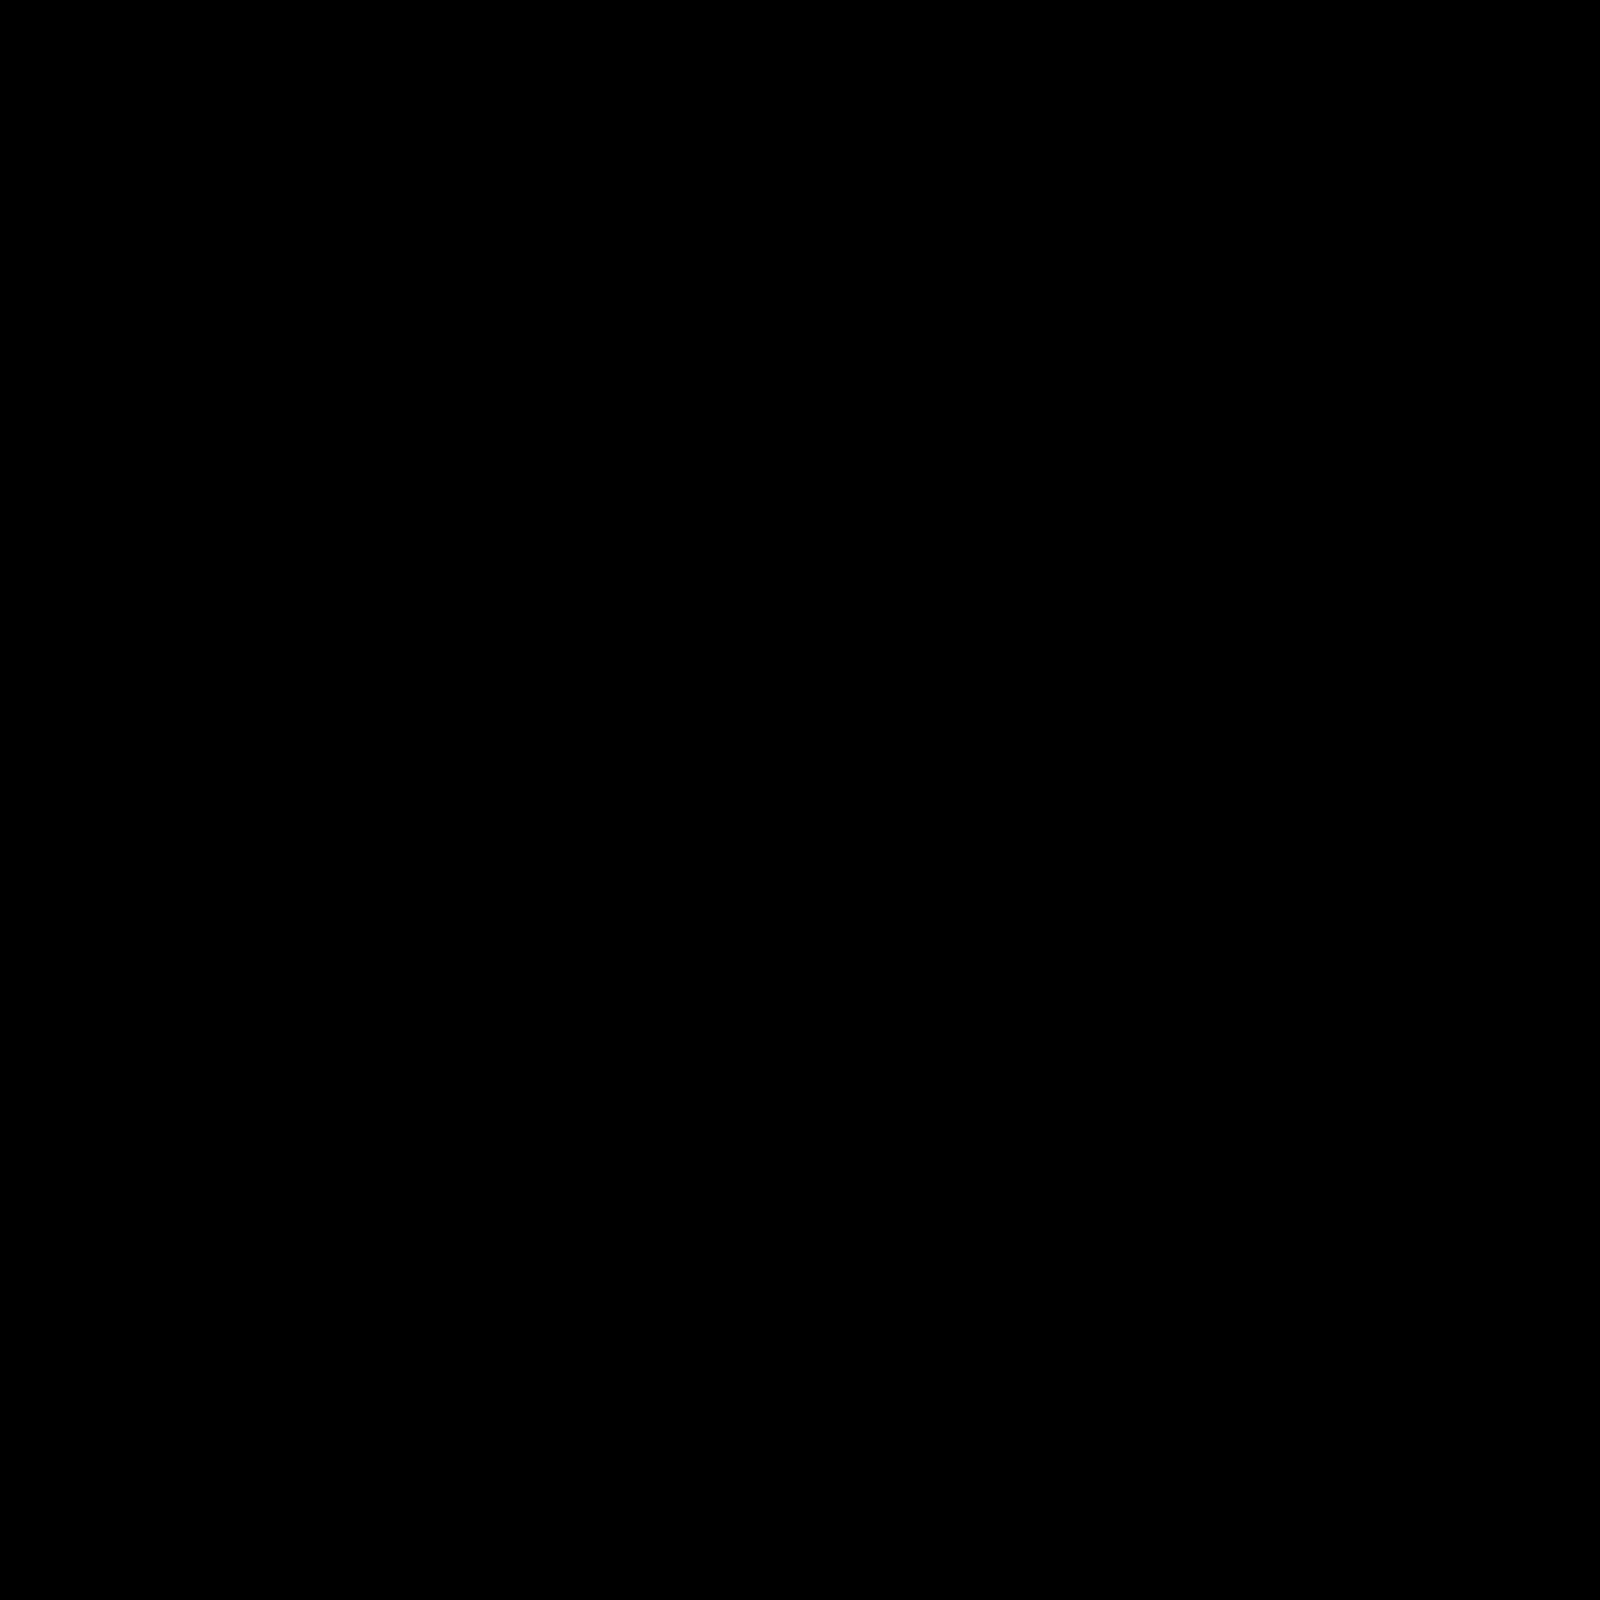 Soldador icon